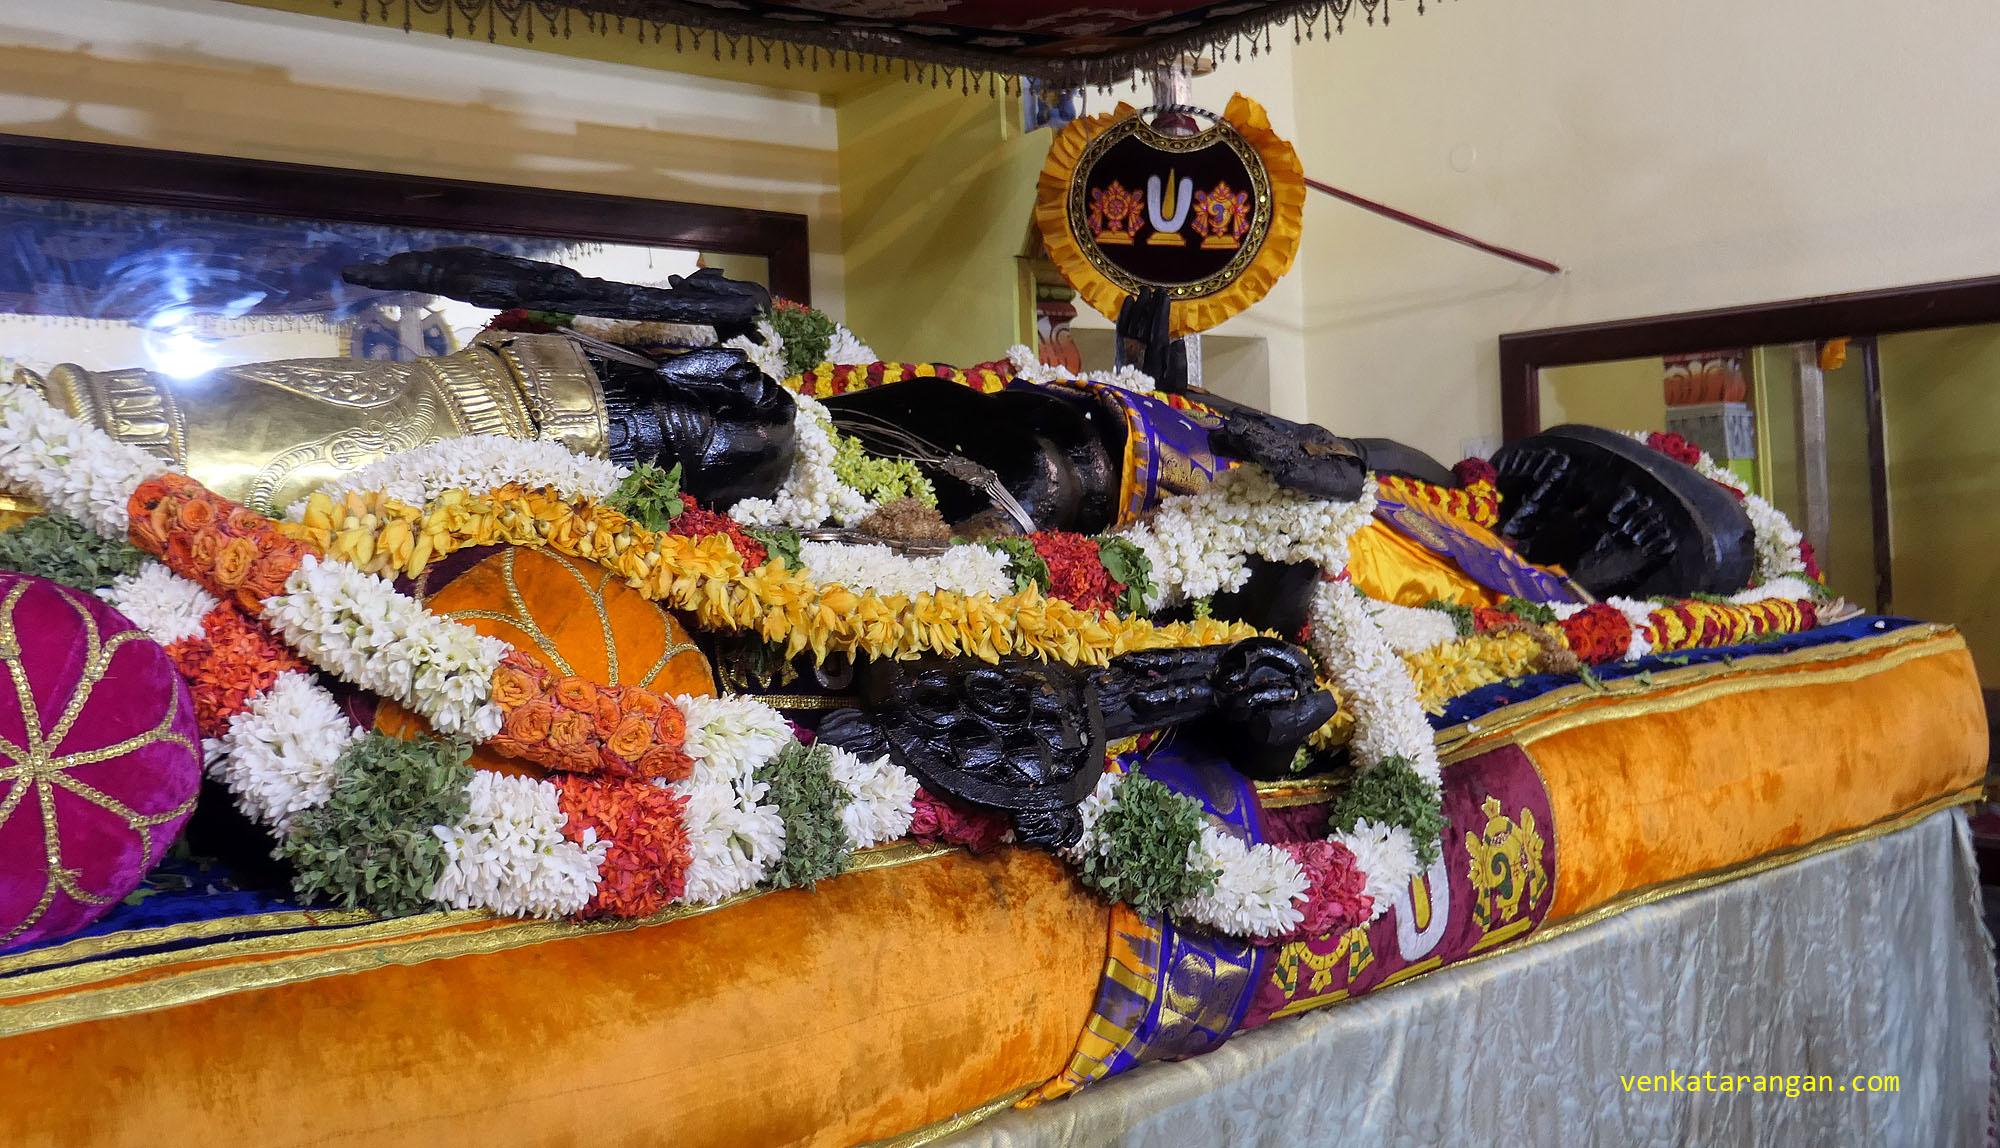 வஸந்த மண்டபத்தில் காஞ்சி திரு அத்தி வரதர்